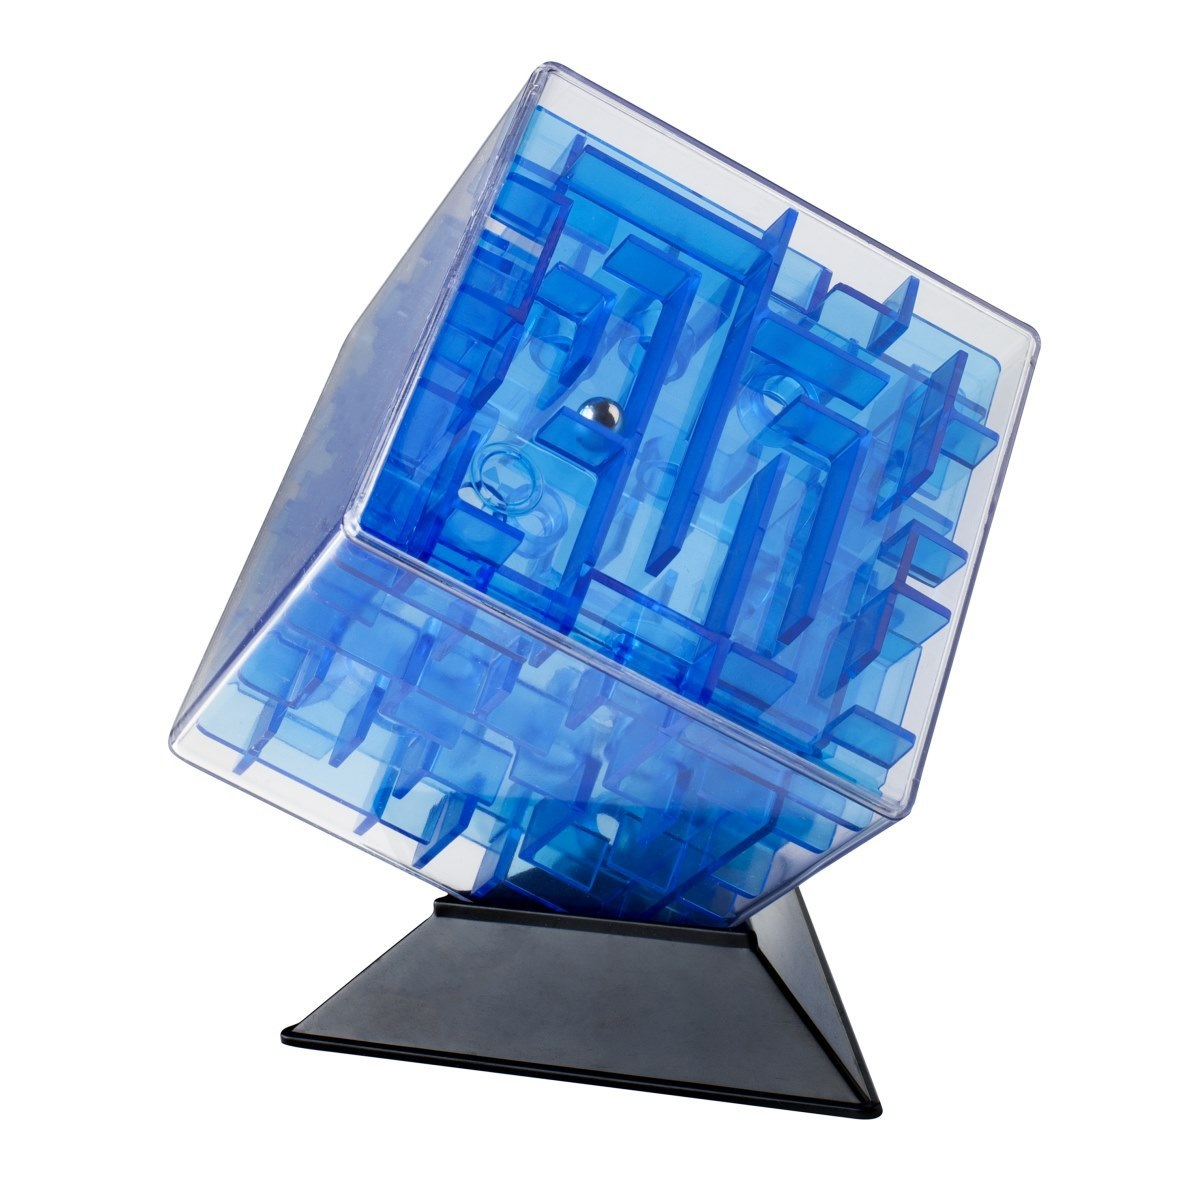 Куб-лабиринт Лабиринтус (10 см) (синий)Представляем вашему вниманию куб-лабиринт Лабиринтус, лабиринт из различных дорожек в прозрачном кубе, который ведет к цели металлический шарик, путем вращения прозрачной сферы в руках.<br>